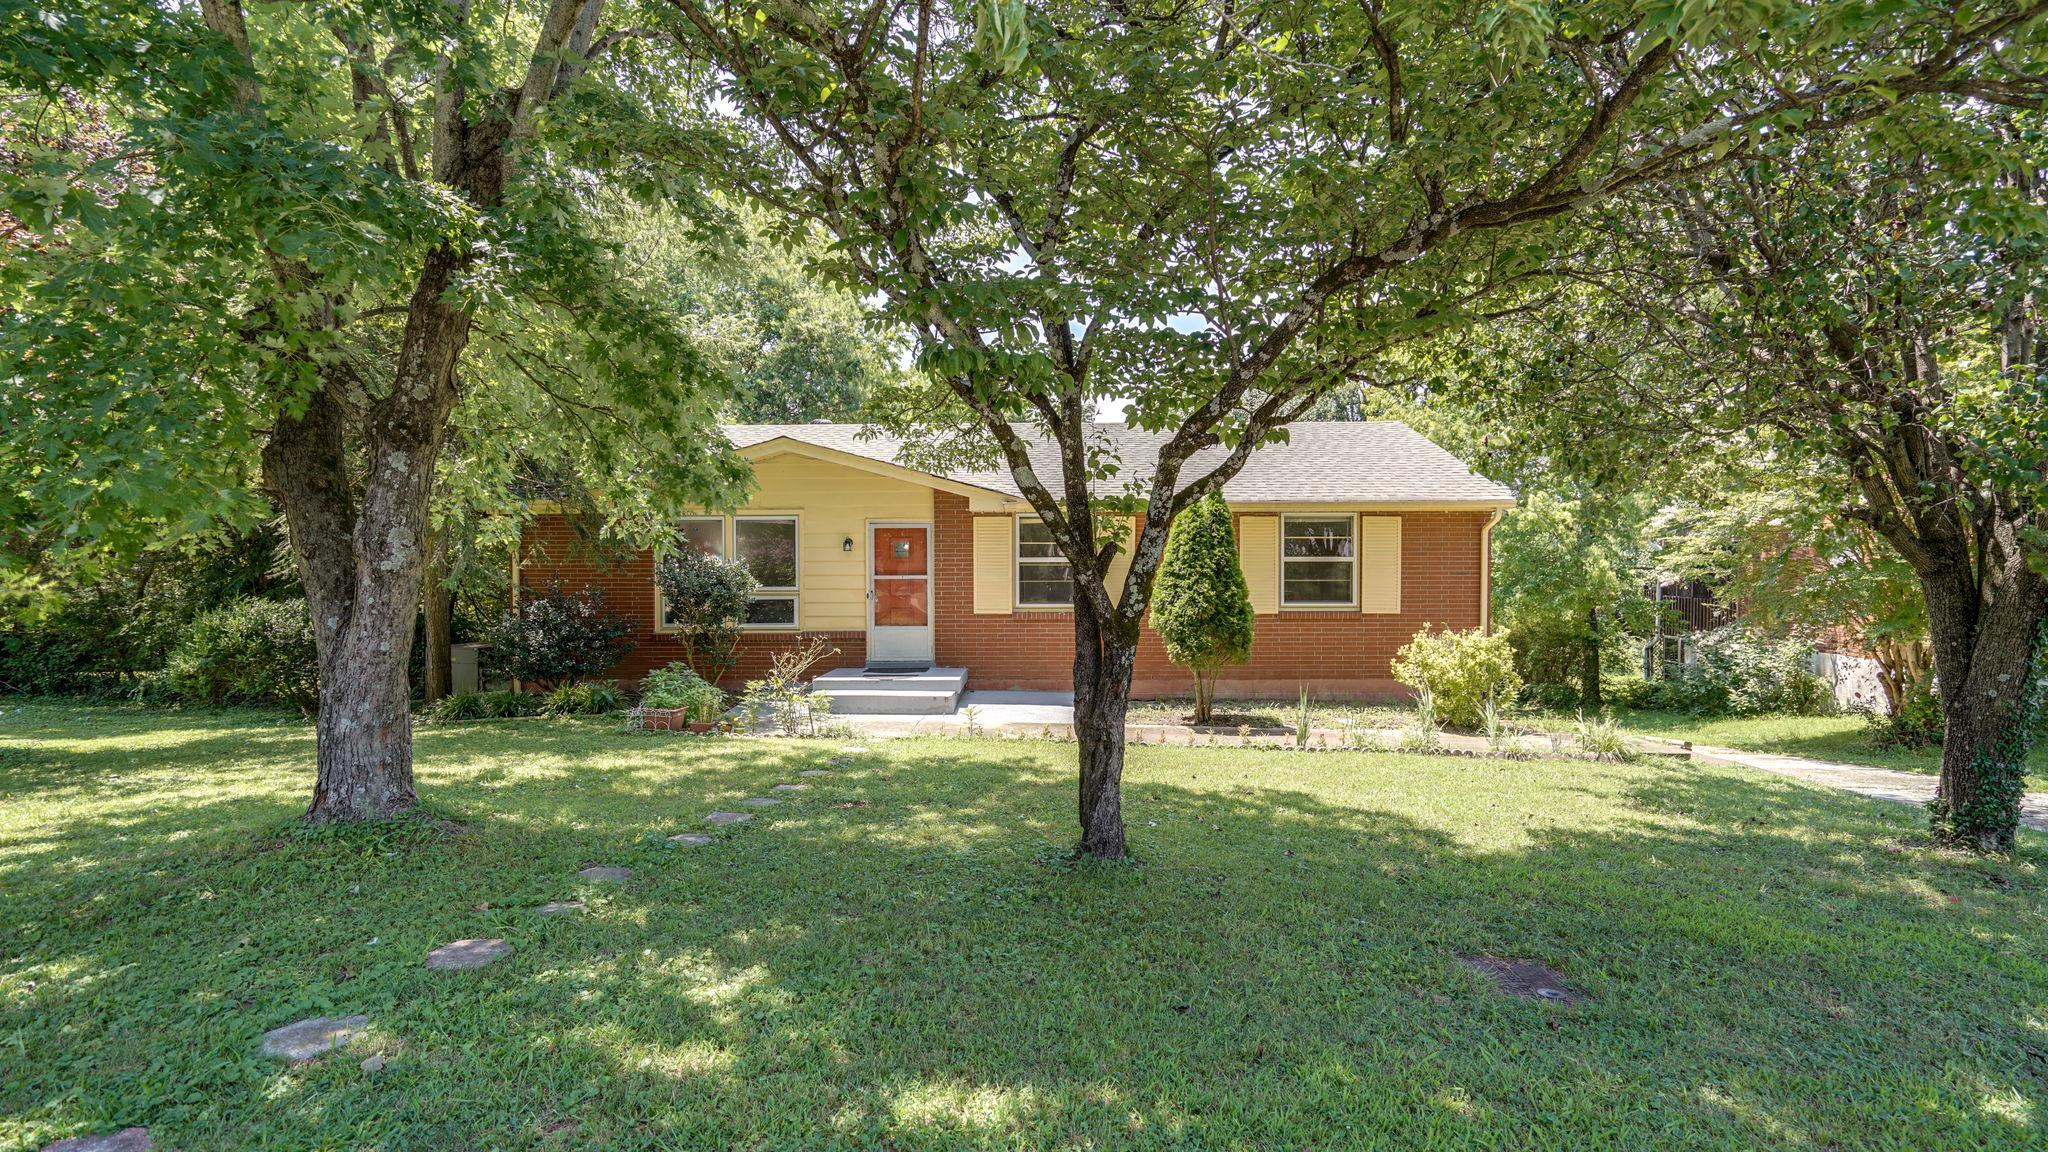 3729 Turley Dr, Nashville, TN 37211 - Nashville, TN real estate listing